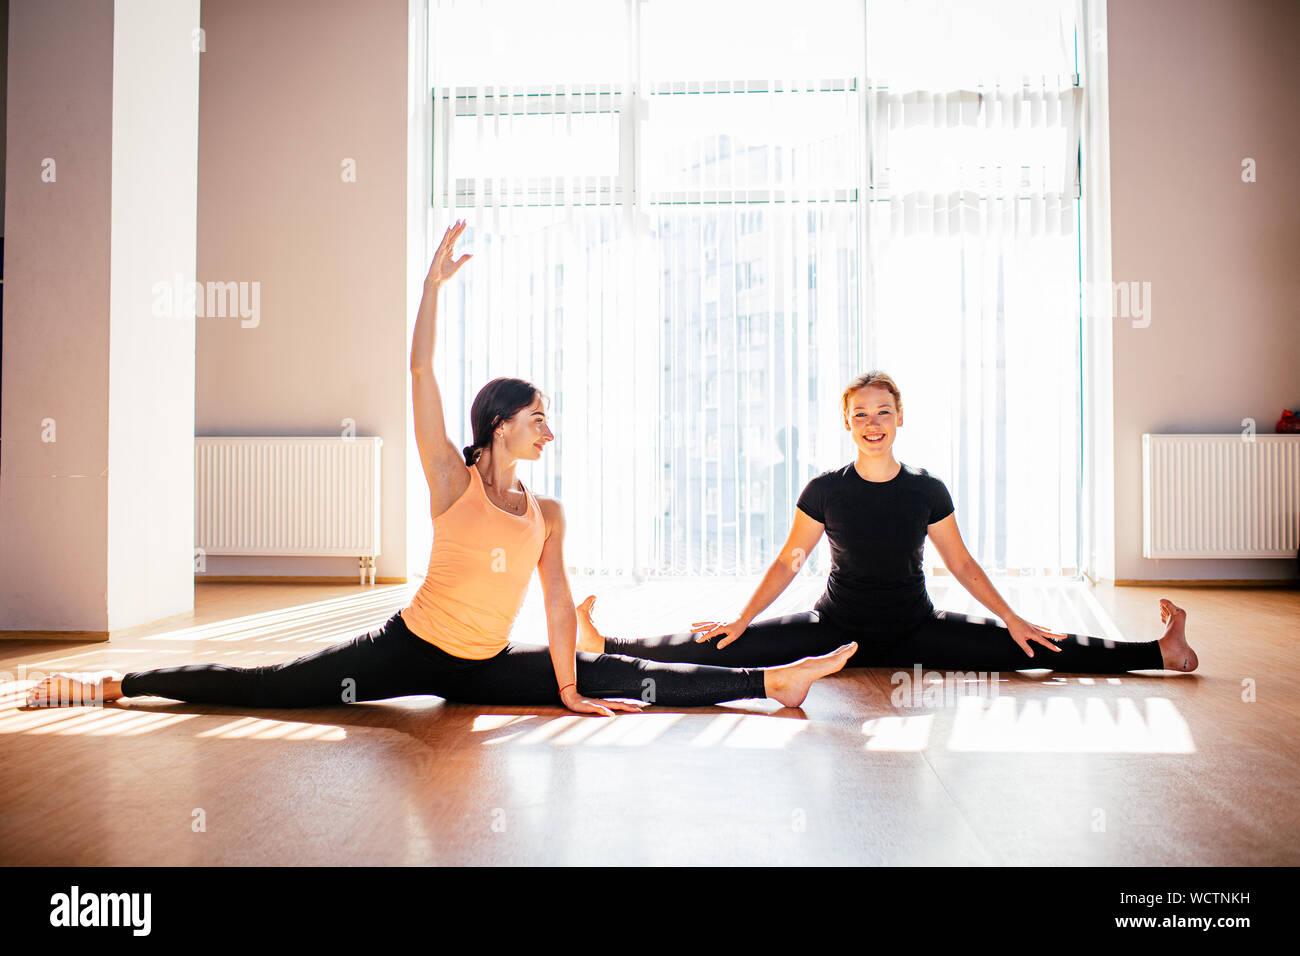 Zwei attraktive junge Frauen balancing und Yoga in einem hellen Studio. Wohlbefinden, Wellness Konzept. Eins der Mädchen ist plus Größe Stockfoto